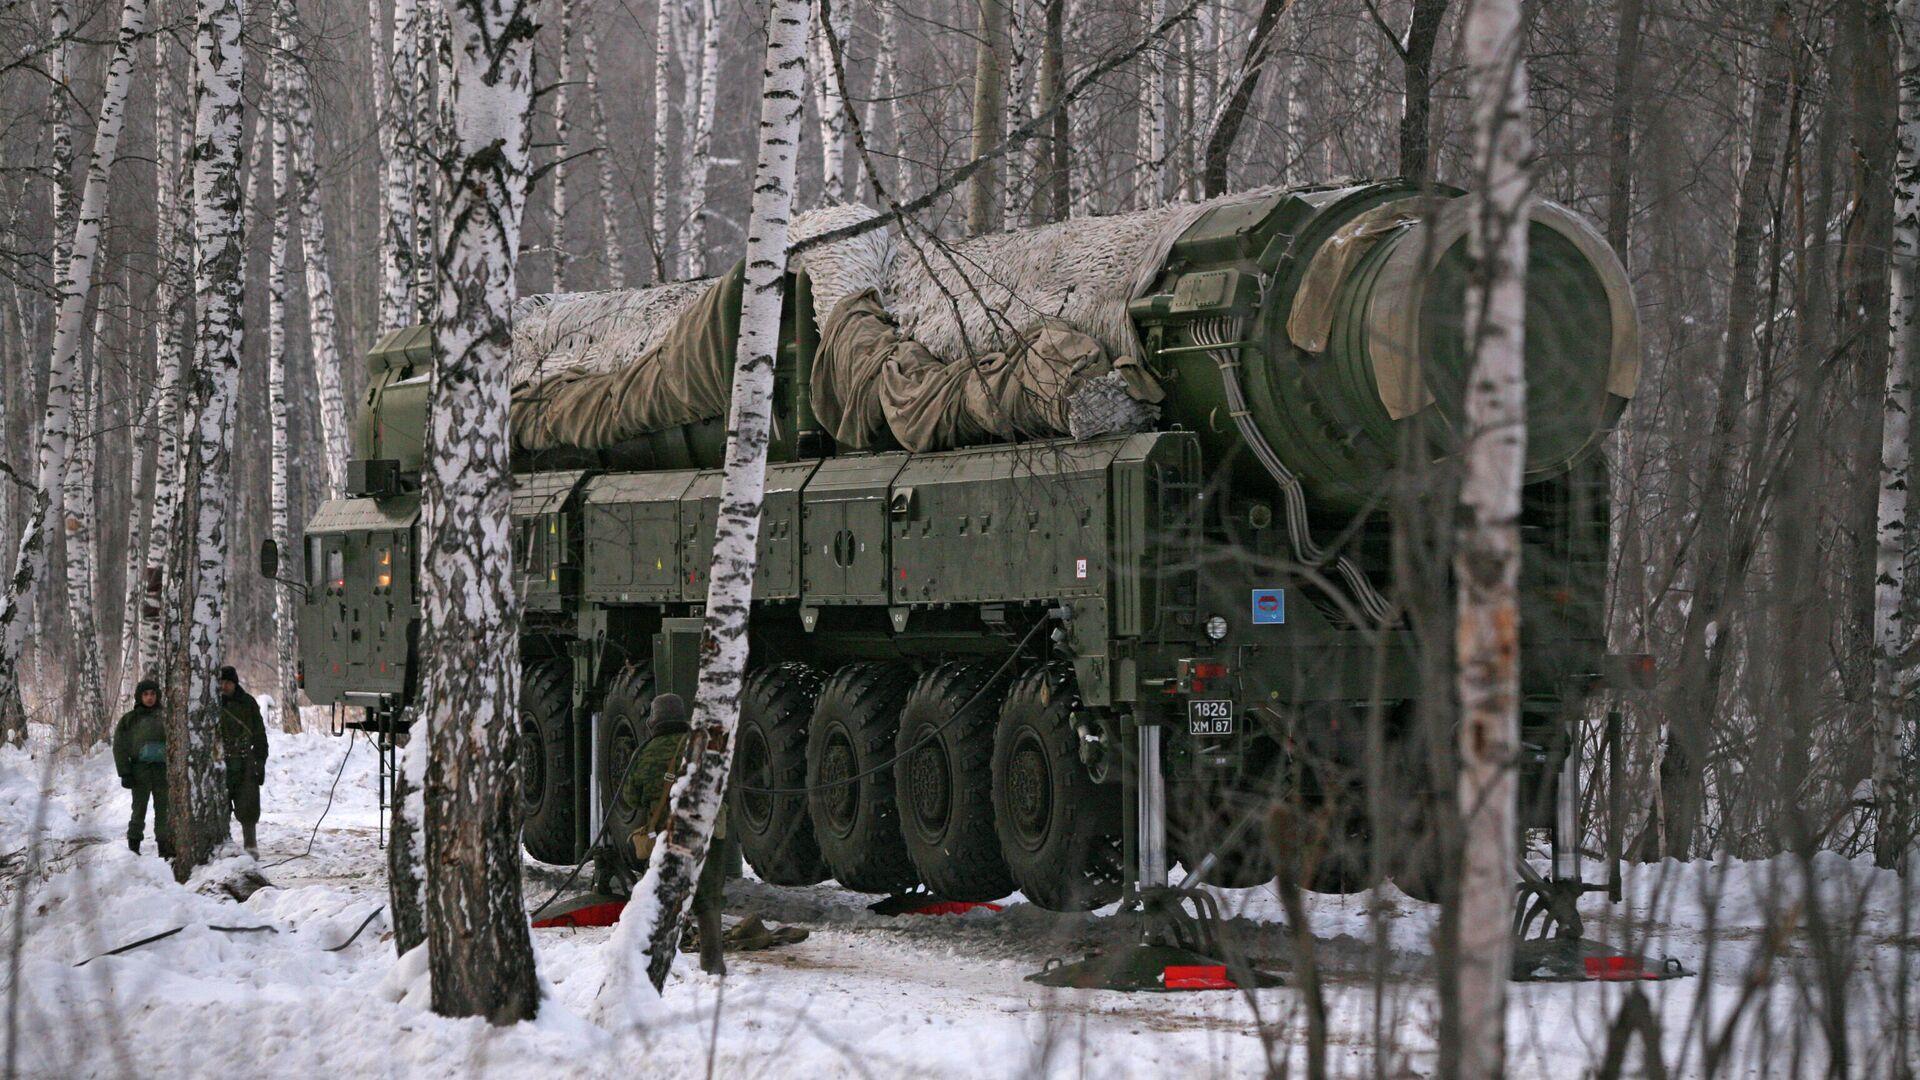 Ракетный комплекс Тополь на полигоне в Новосибирской области - РИА Новости, 1920, 03.02.2021